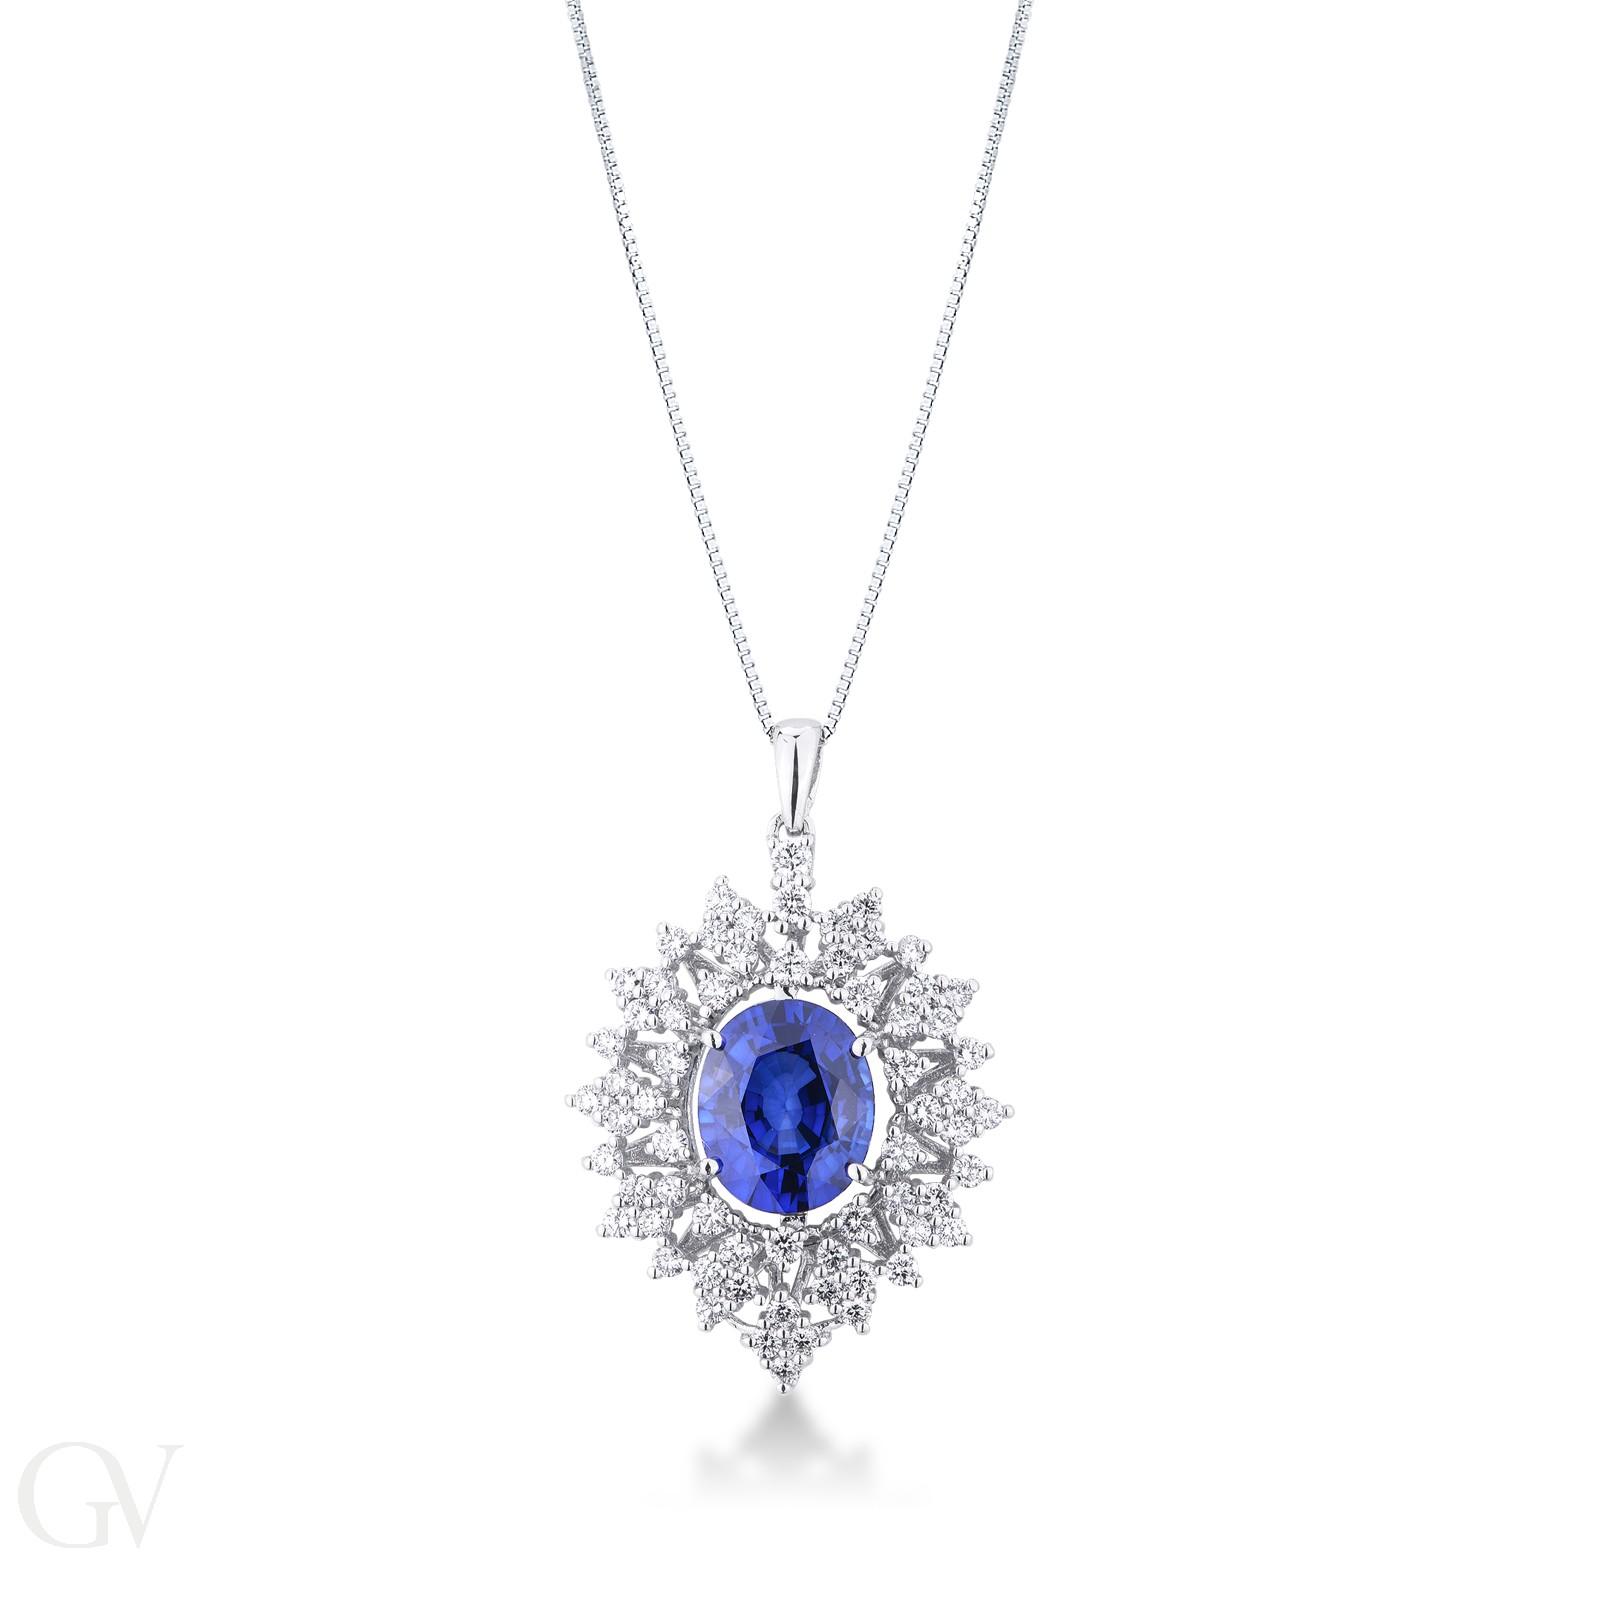 Collana in oro bianco 18k con zaffiro blu e contorno di diamanti.